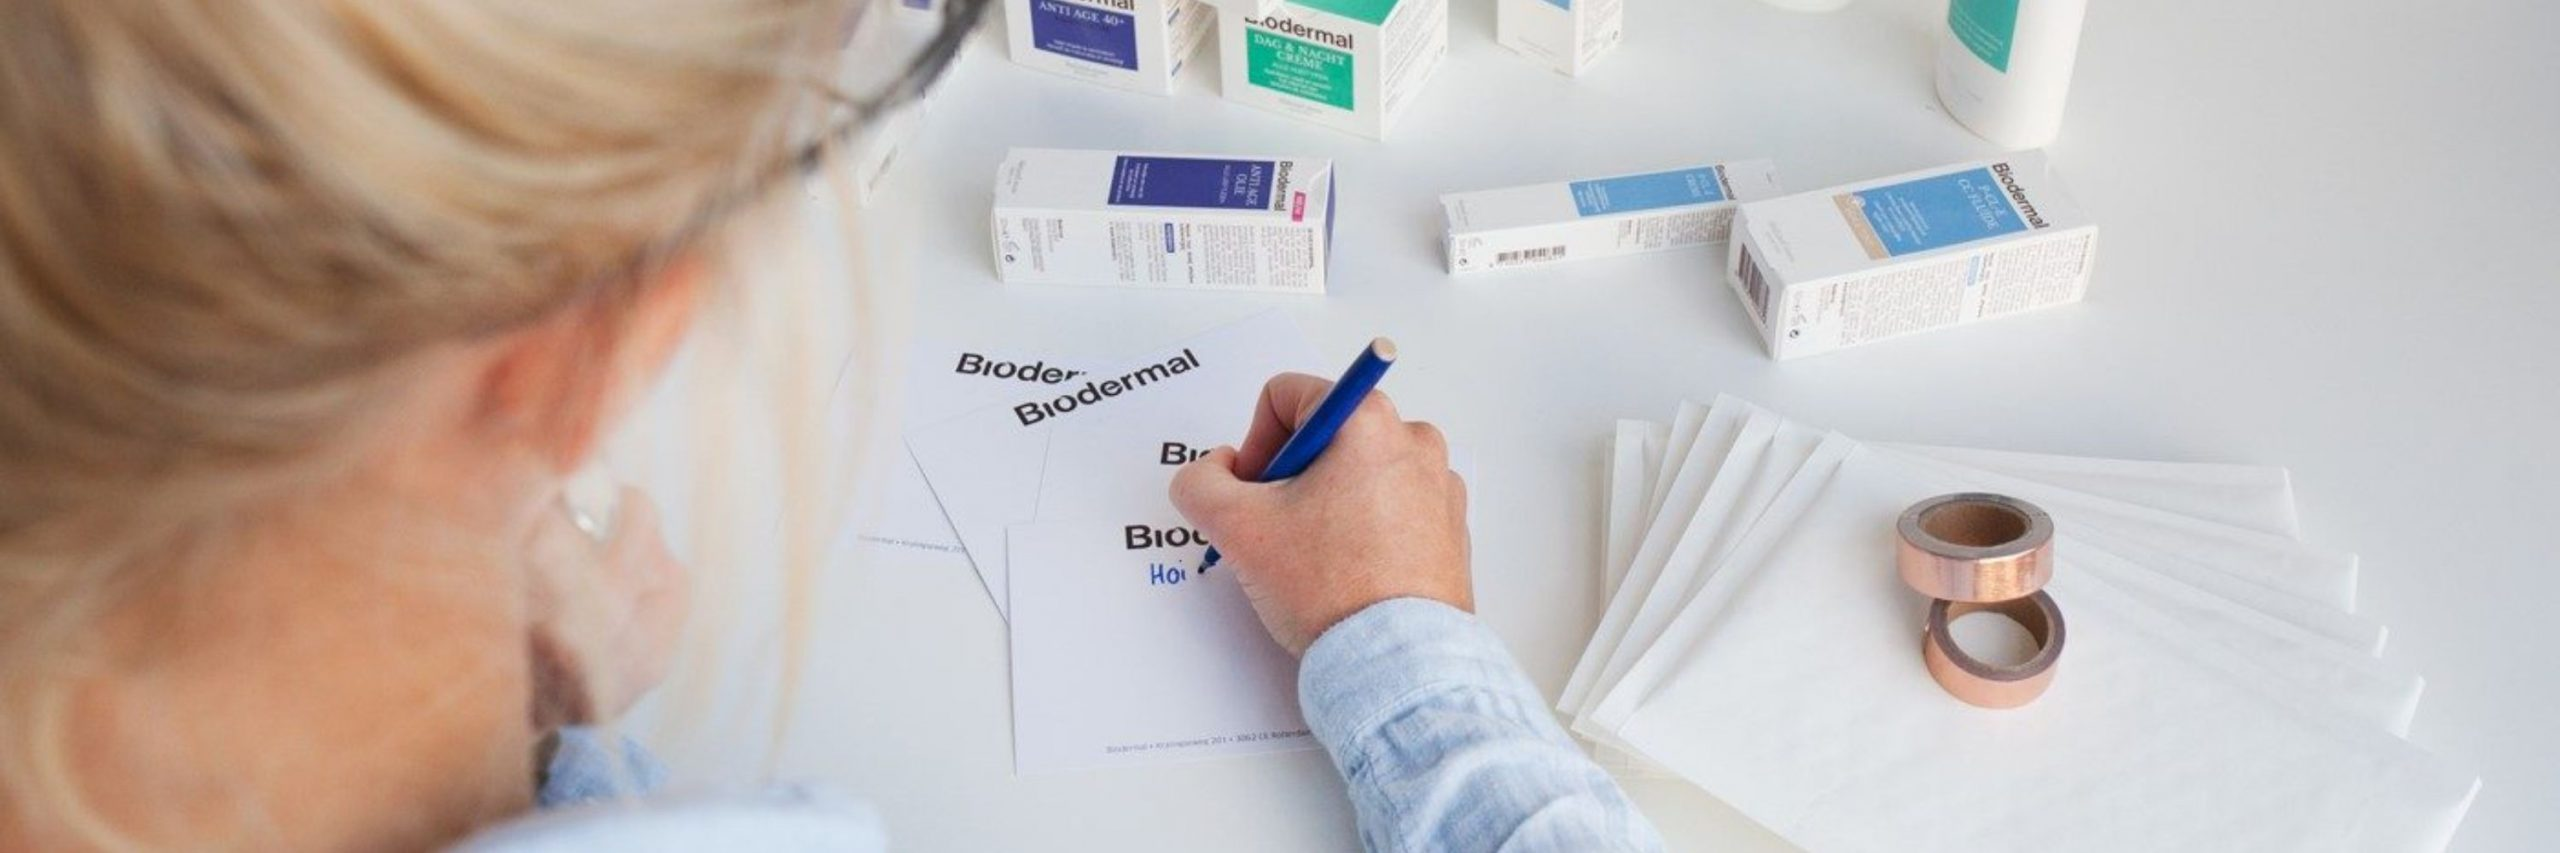 Biodermal Reviews